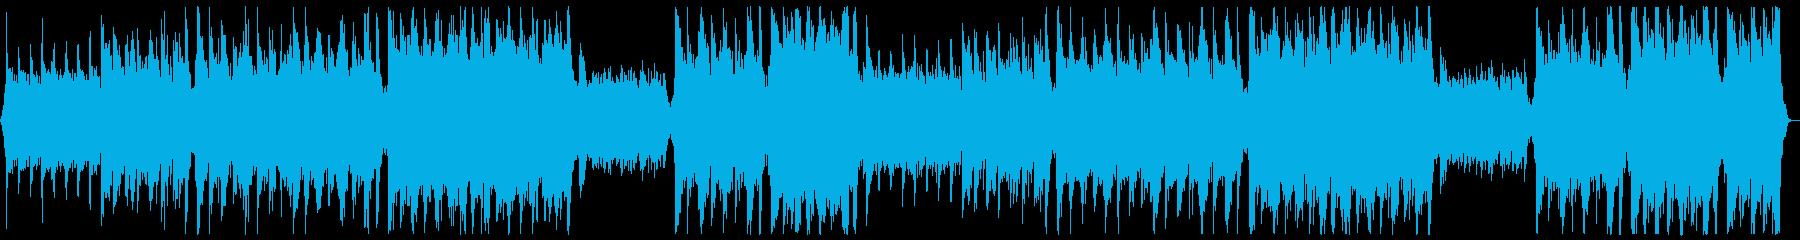 華やかなピアノ&オーケストラ x2回の再生済みの波形